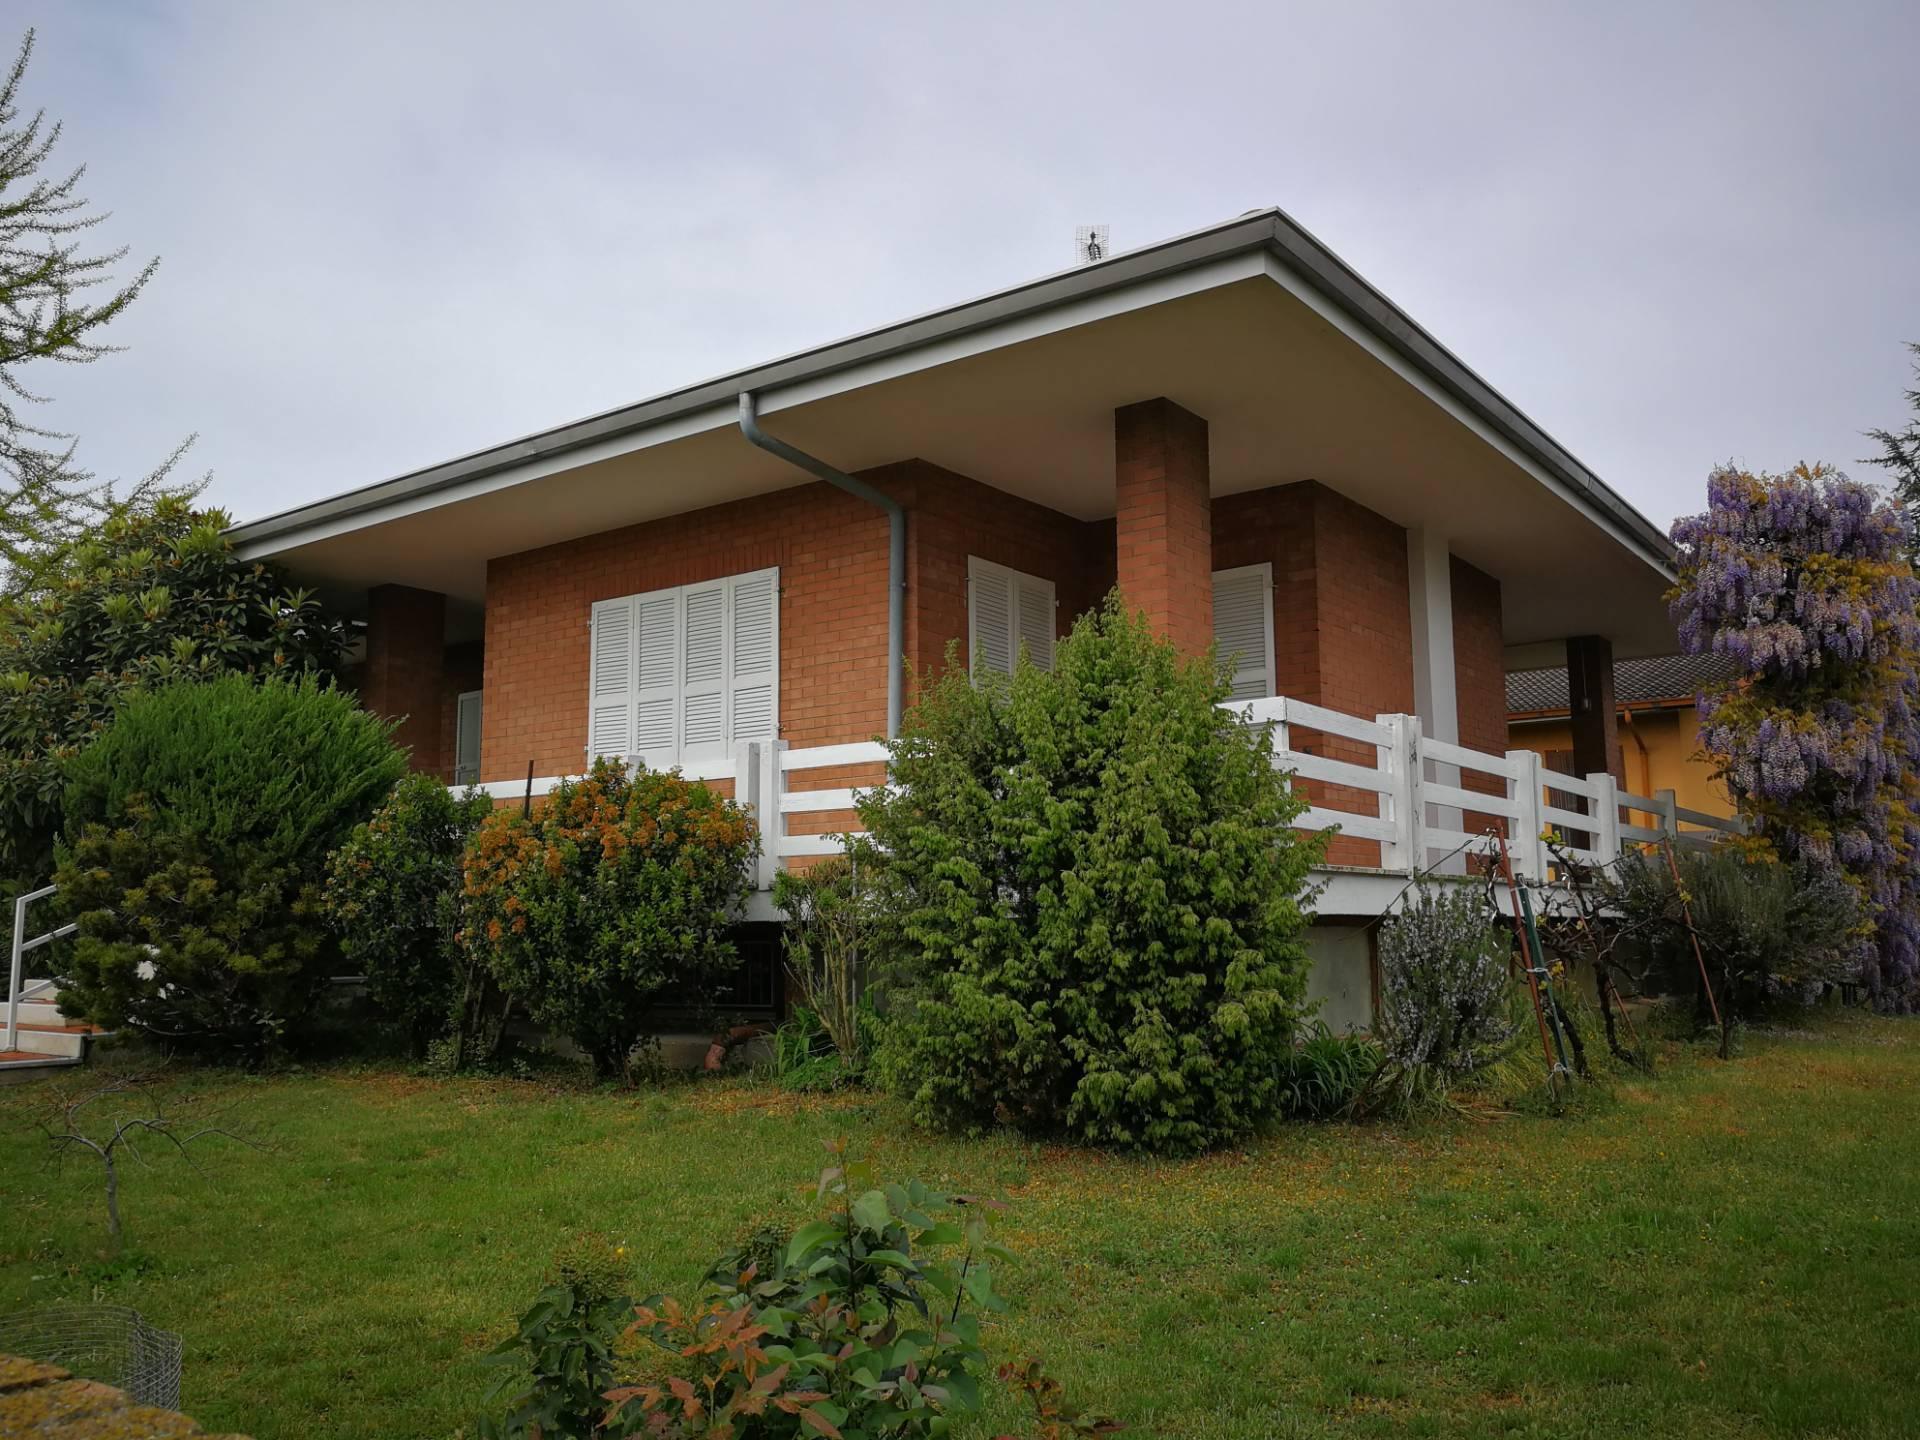 Villa in vendita a Curtatone, 7 locali, zona Zona: Levata, prezzo € 315.000 | CambioCasa.it